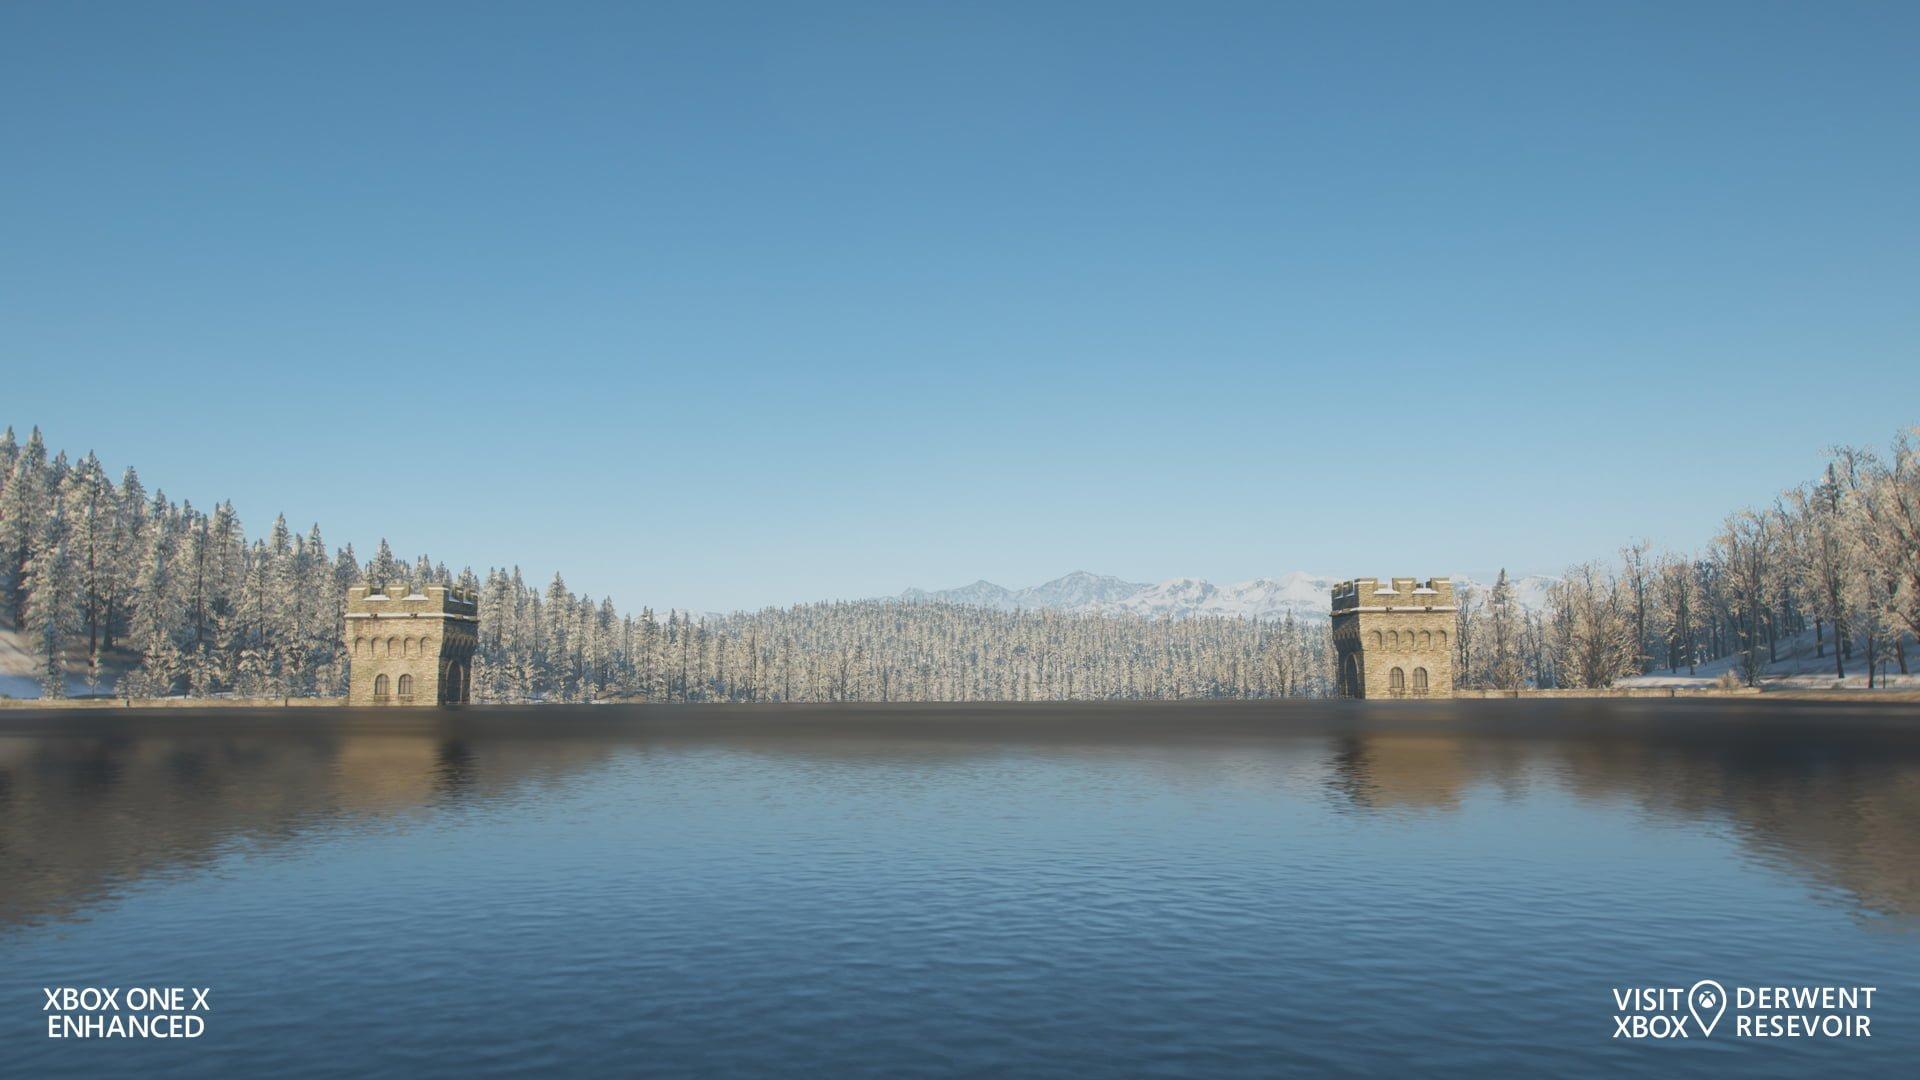 Forza Horizon 4 Derwent Reservoir